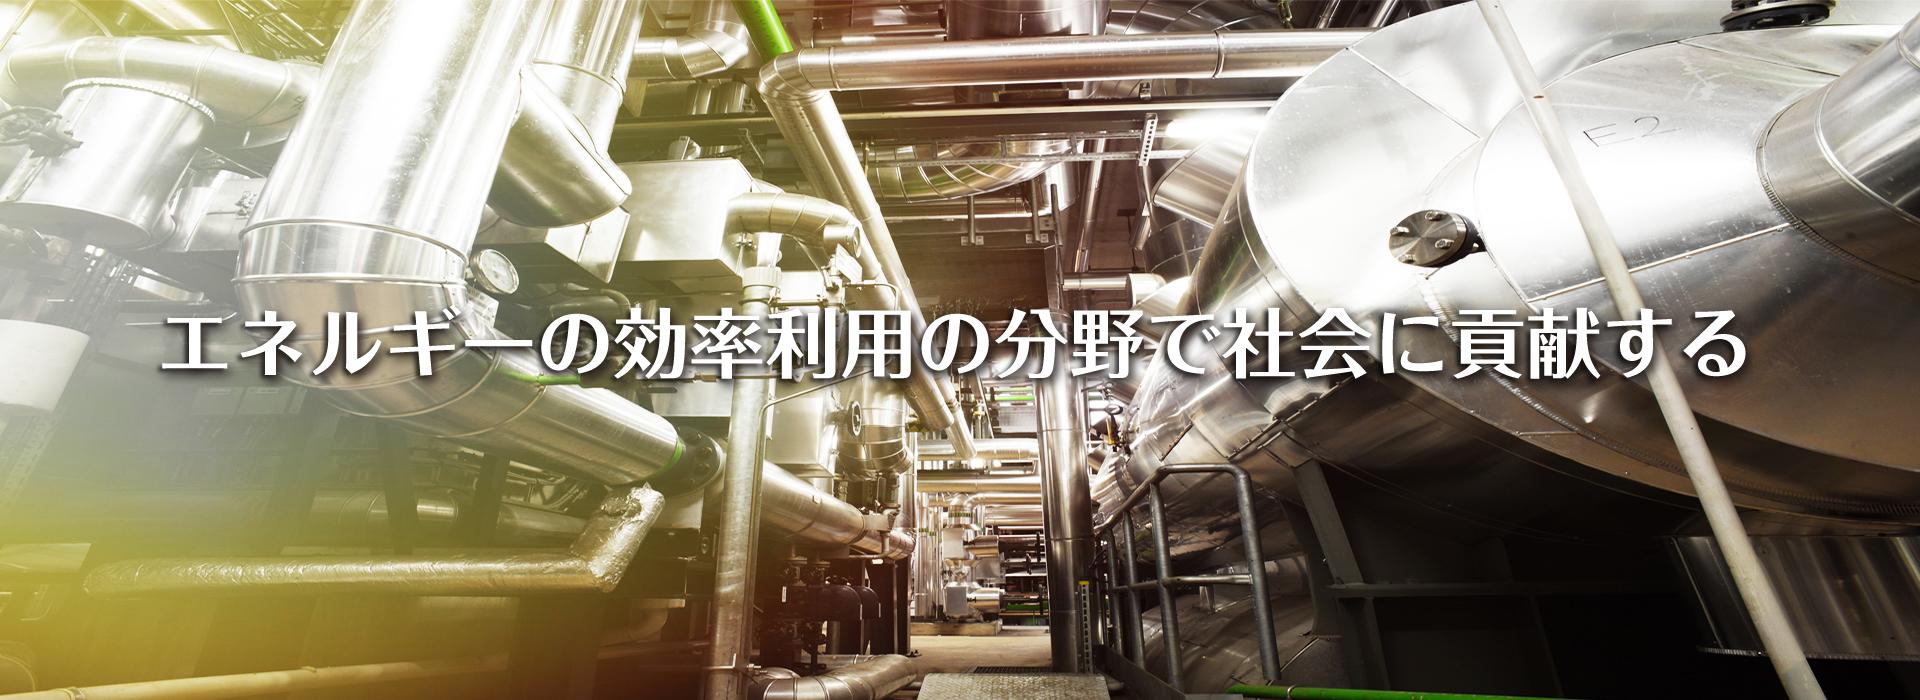 株式会社江見工業所のホームページ